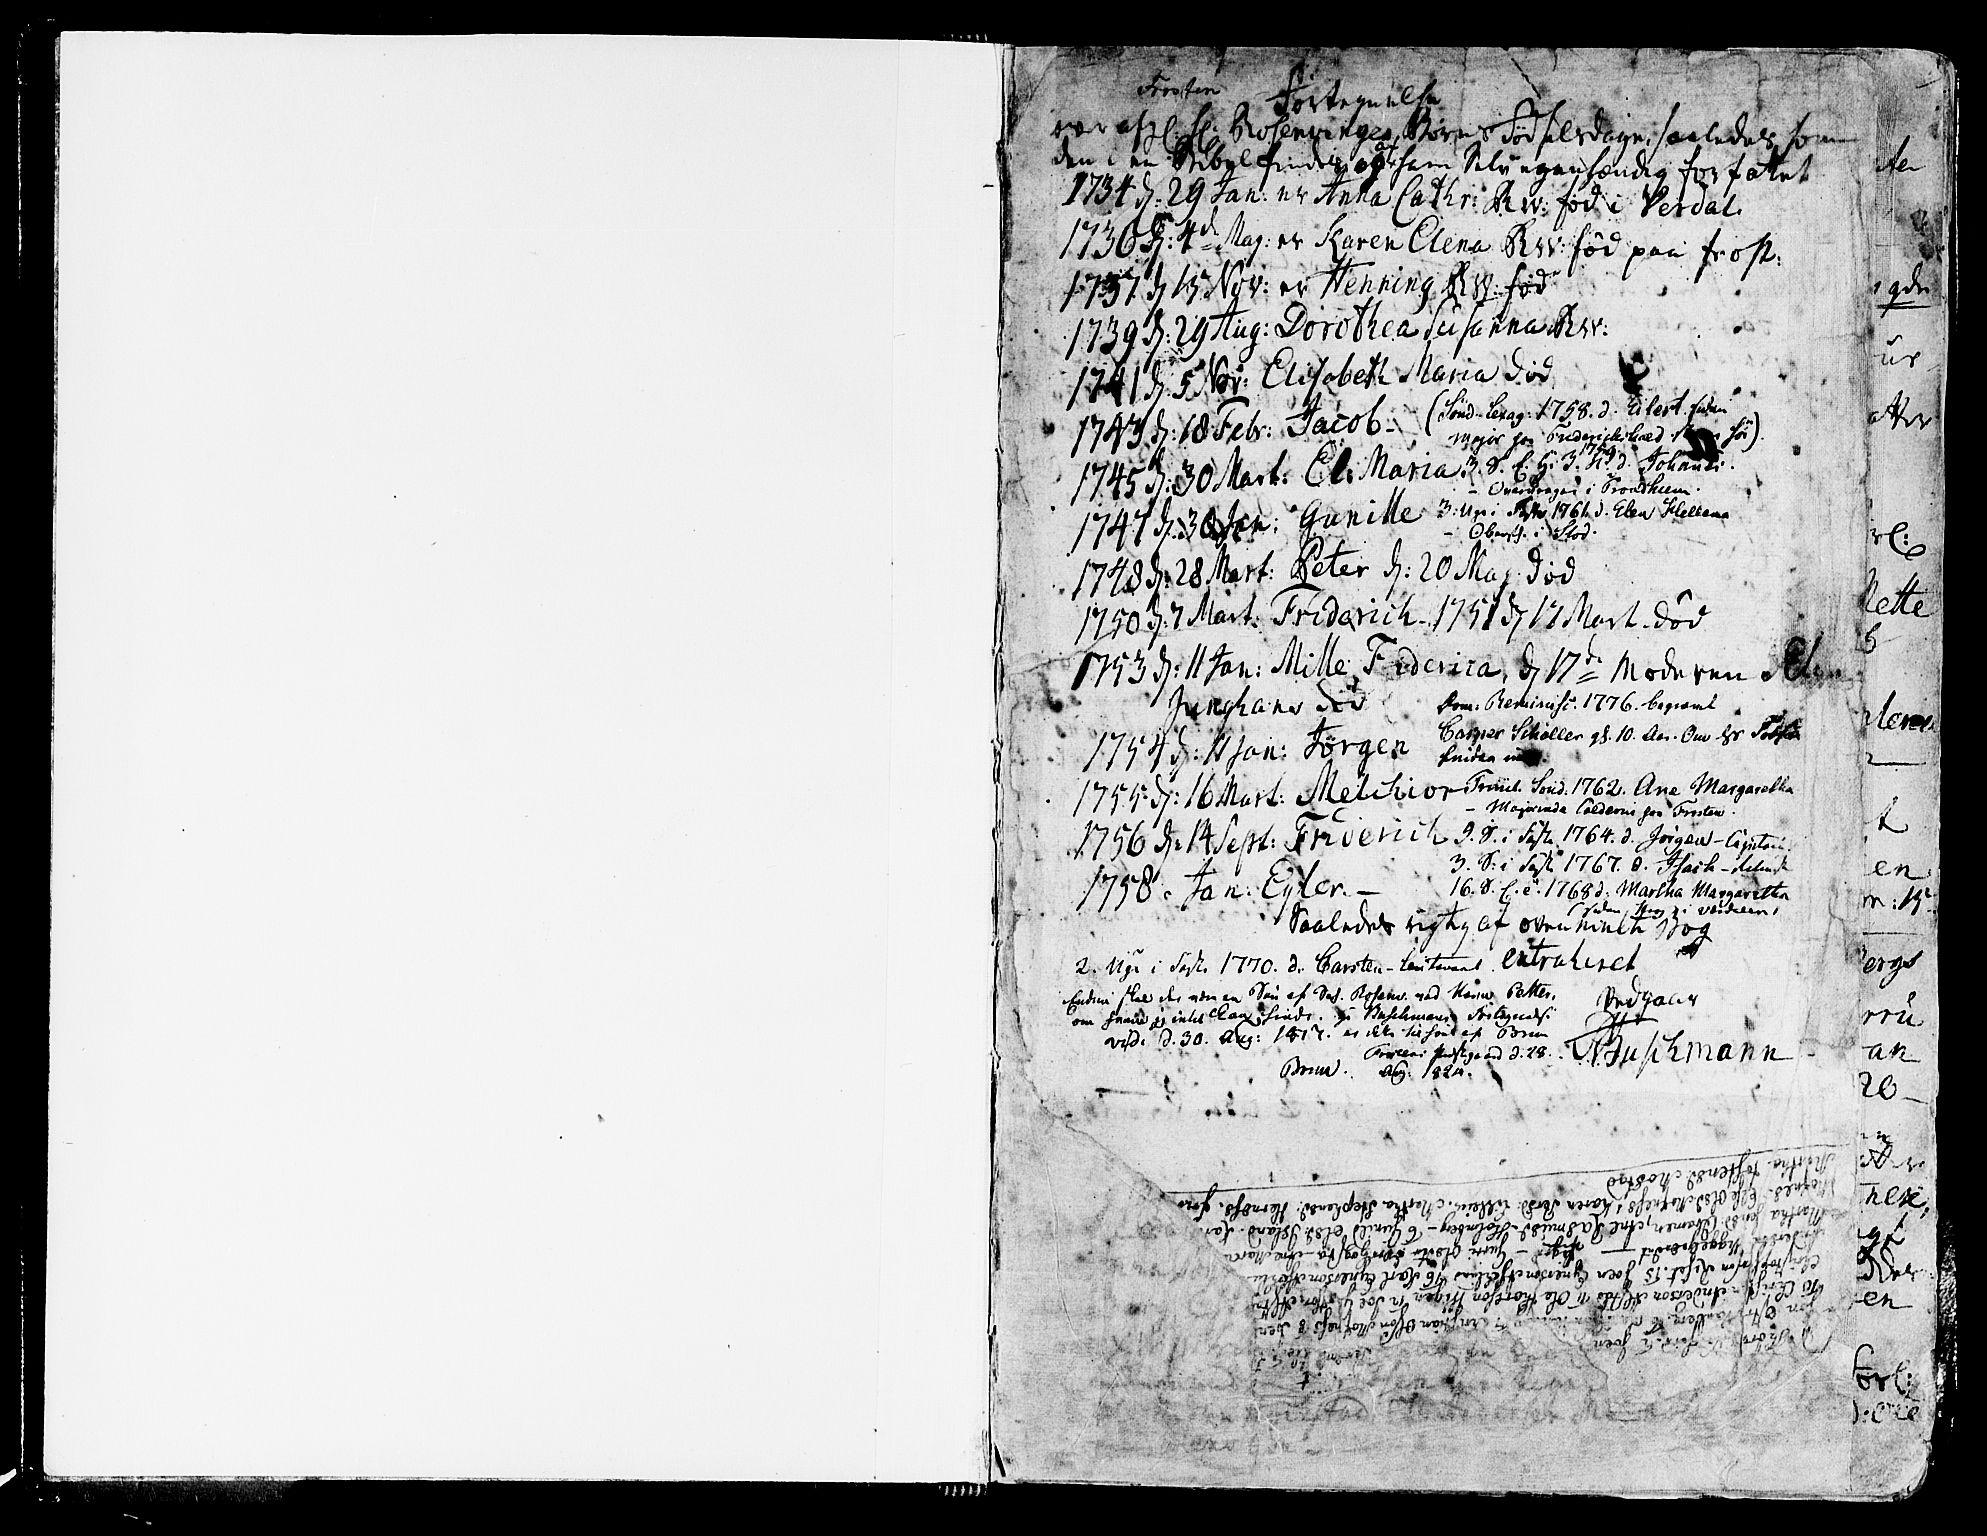 SAT, Ministerialprotokoller, klokkerbøker og fødselsregistre - Nord-Trøndelag, 713/L0110: Ministerialbok nr. 713A02, 1778-1811